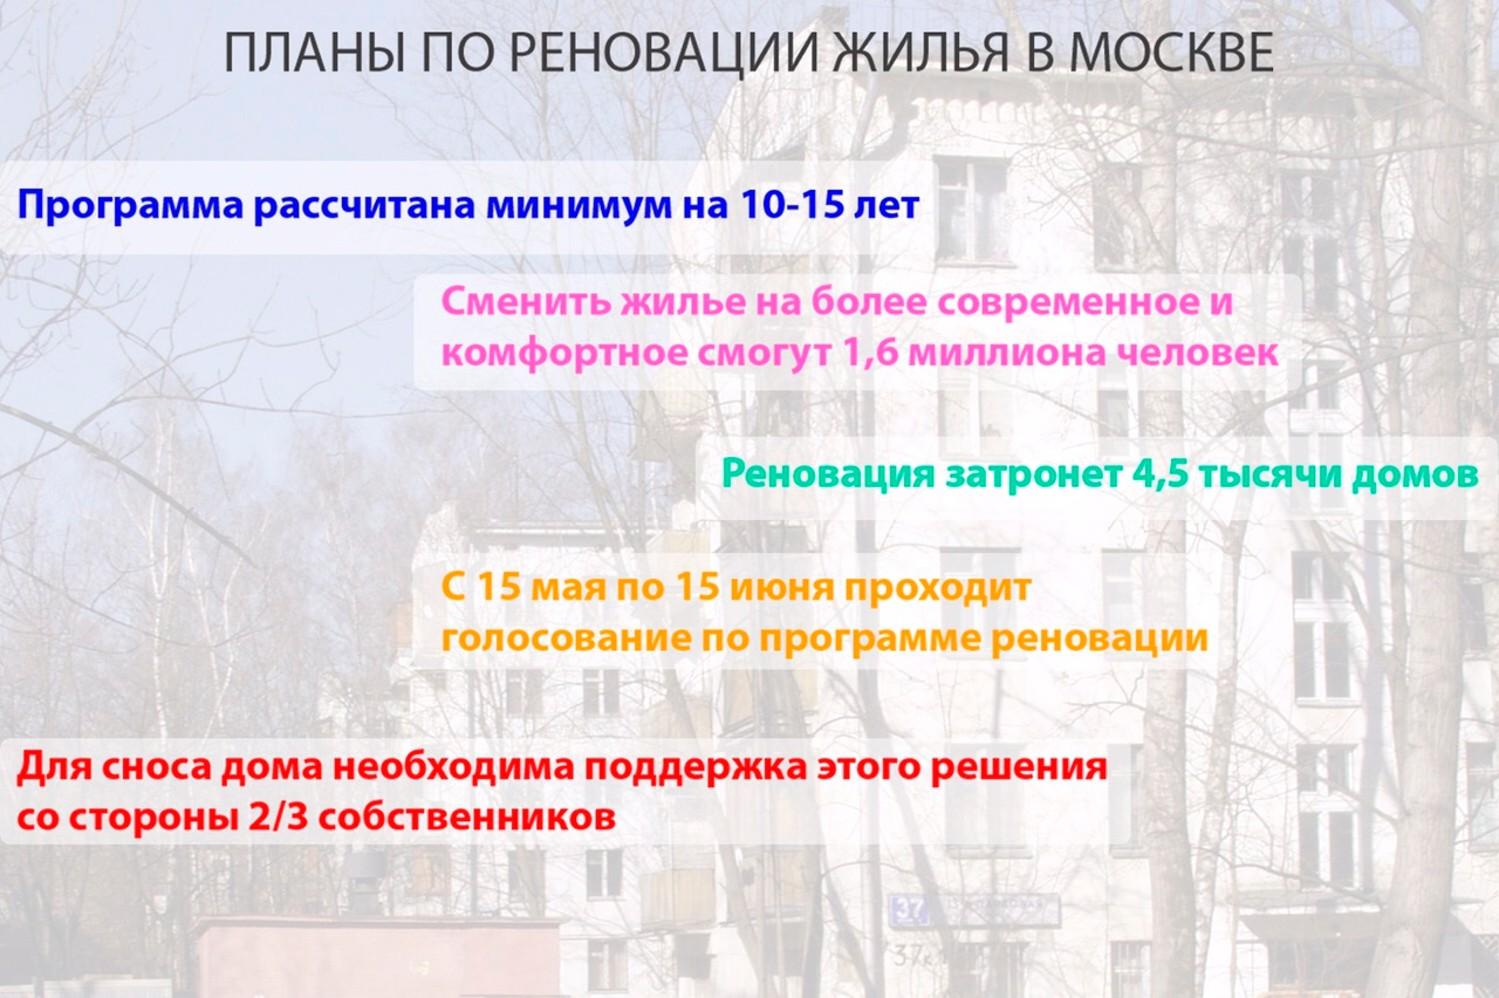 Планы по реновации в Москве